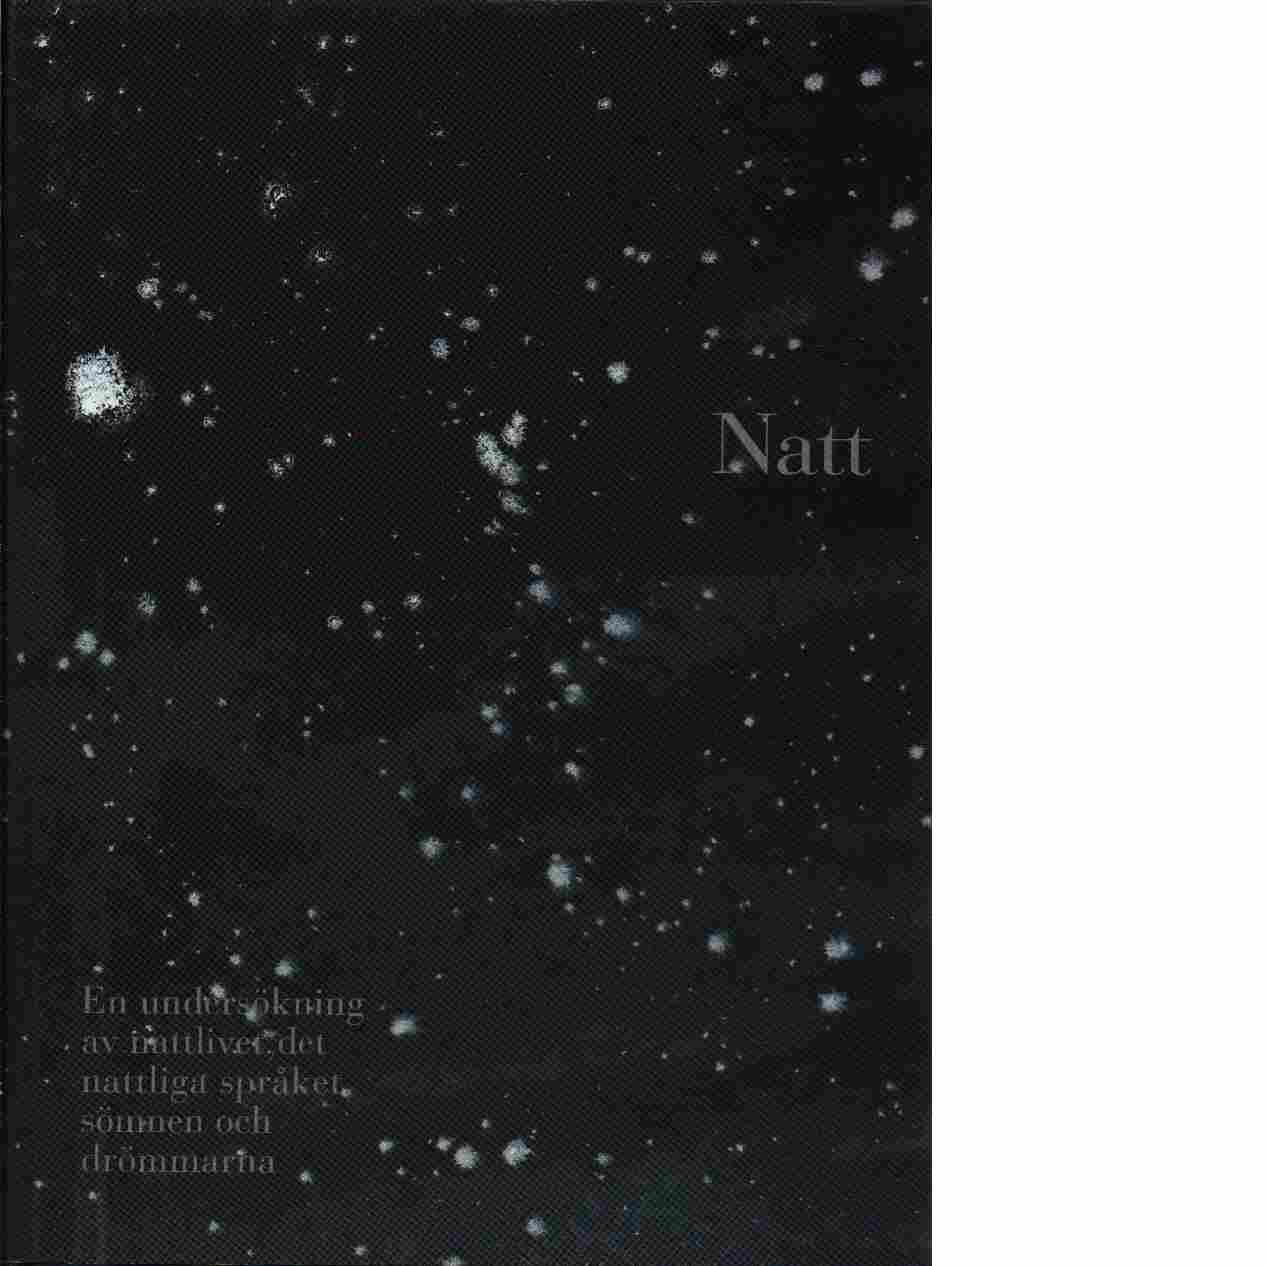 Natt : en undersökning av nattlivet, det nattliga språket, sömnen och drömmarna - Alvarez, Alfred